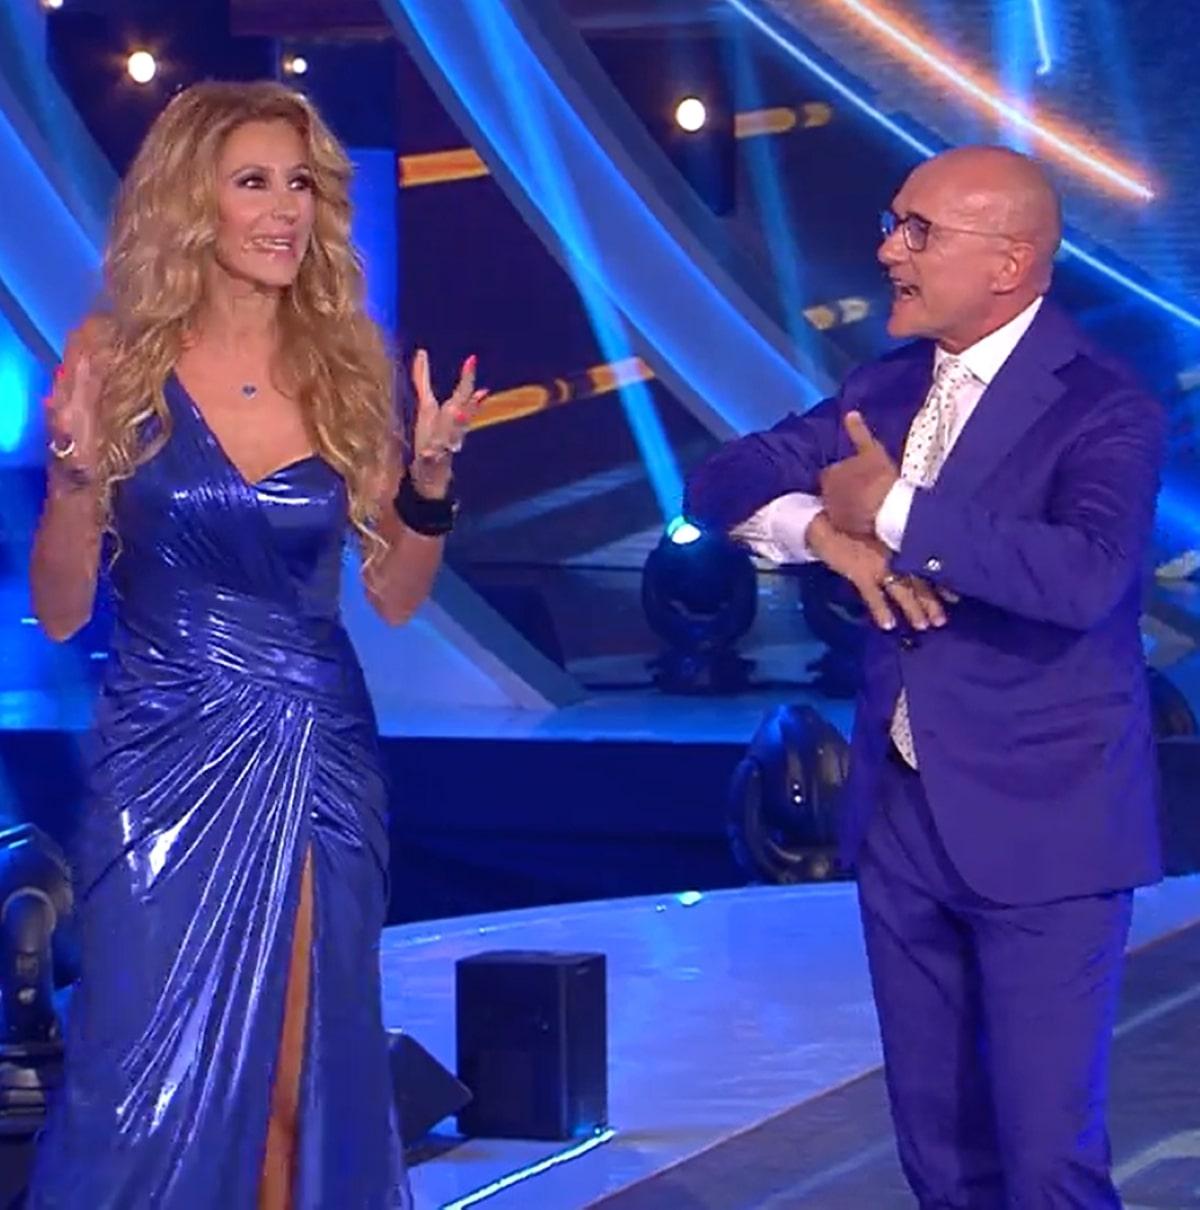 GF Vip 6 Adriana Volpe Sonia Bruganelli Rapporti